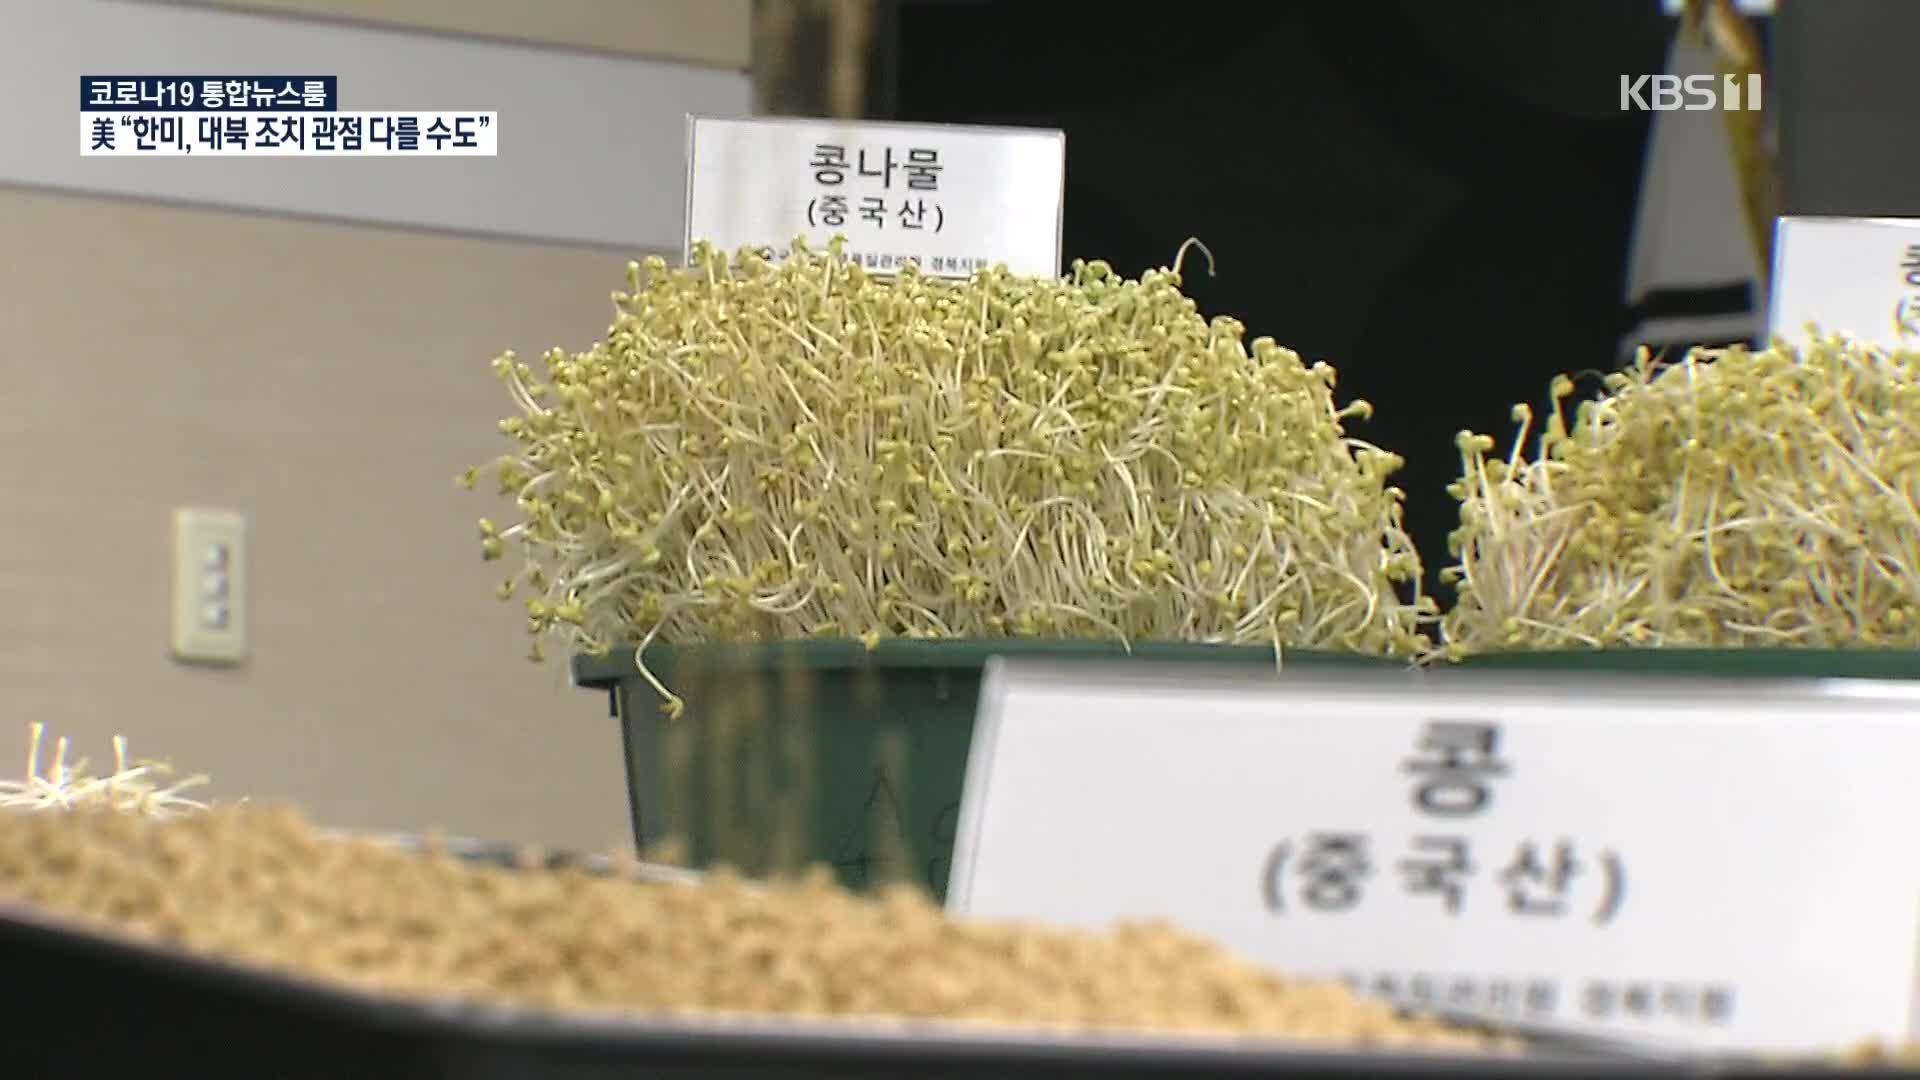 국내산 둔갑 중국산 콩나물, 학교 급식에 대량 유통